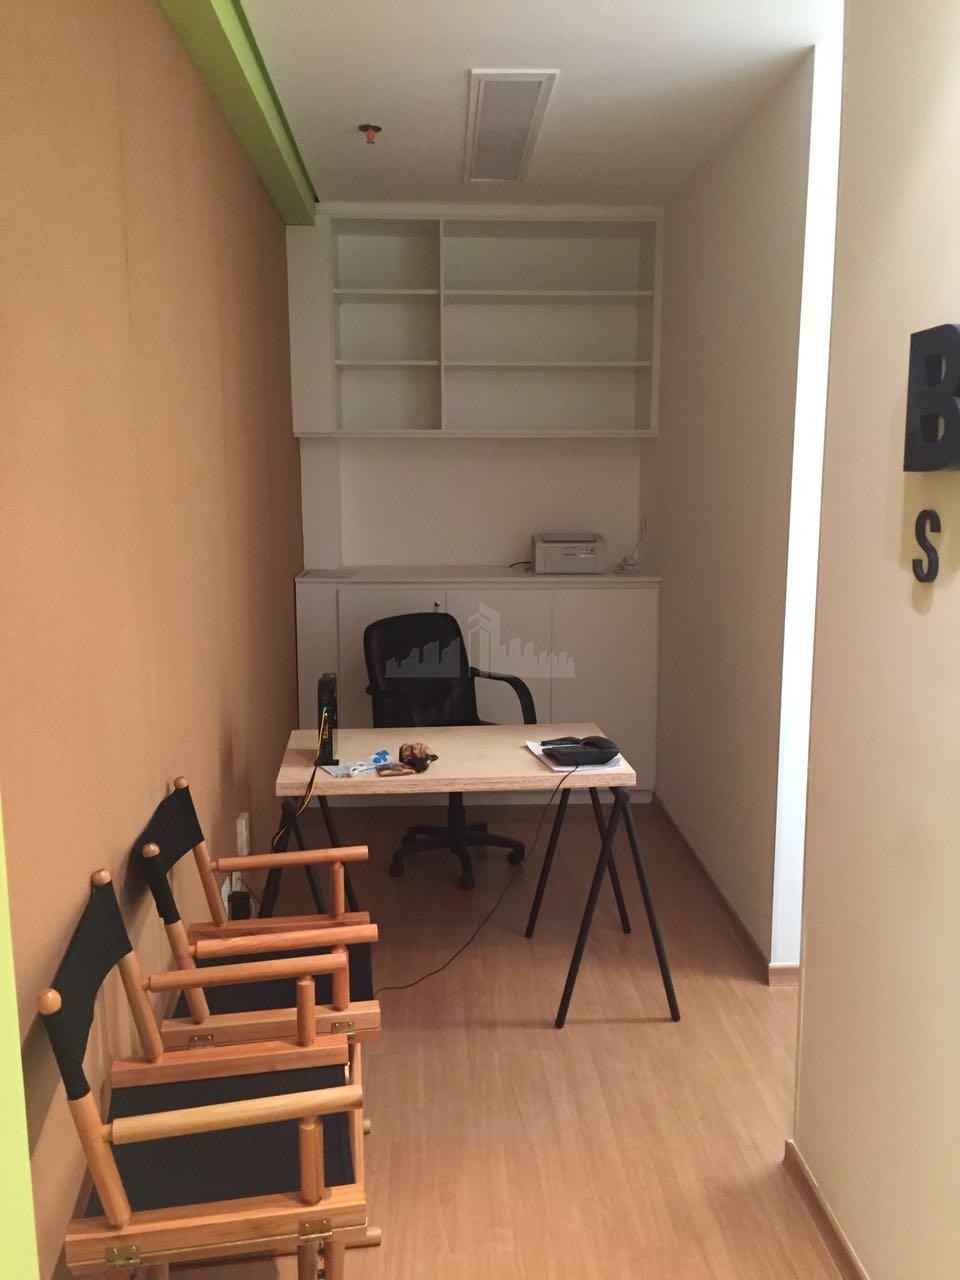 Conjunto à venda, 40 m² por R$ 420.000 - Pinheiros - São Paulo/SP